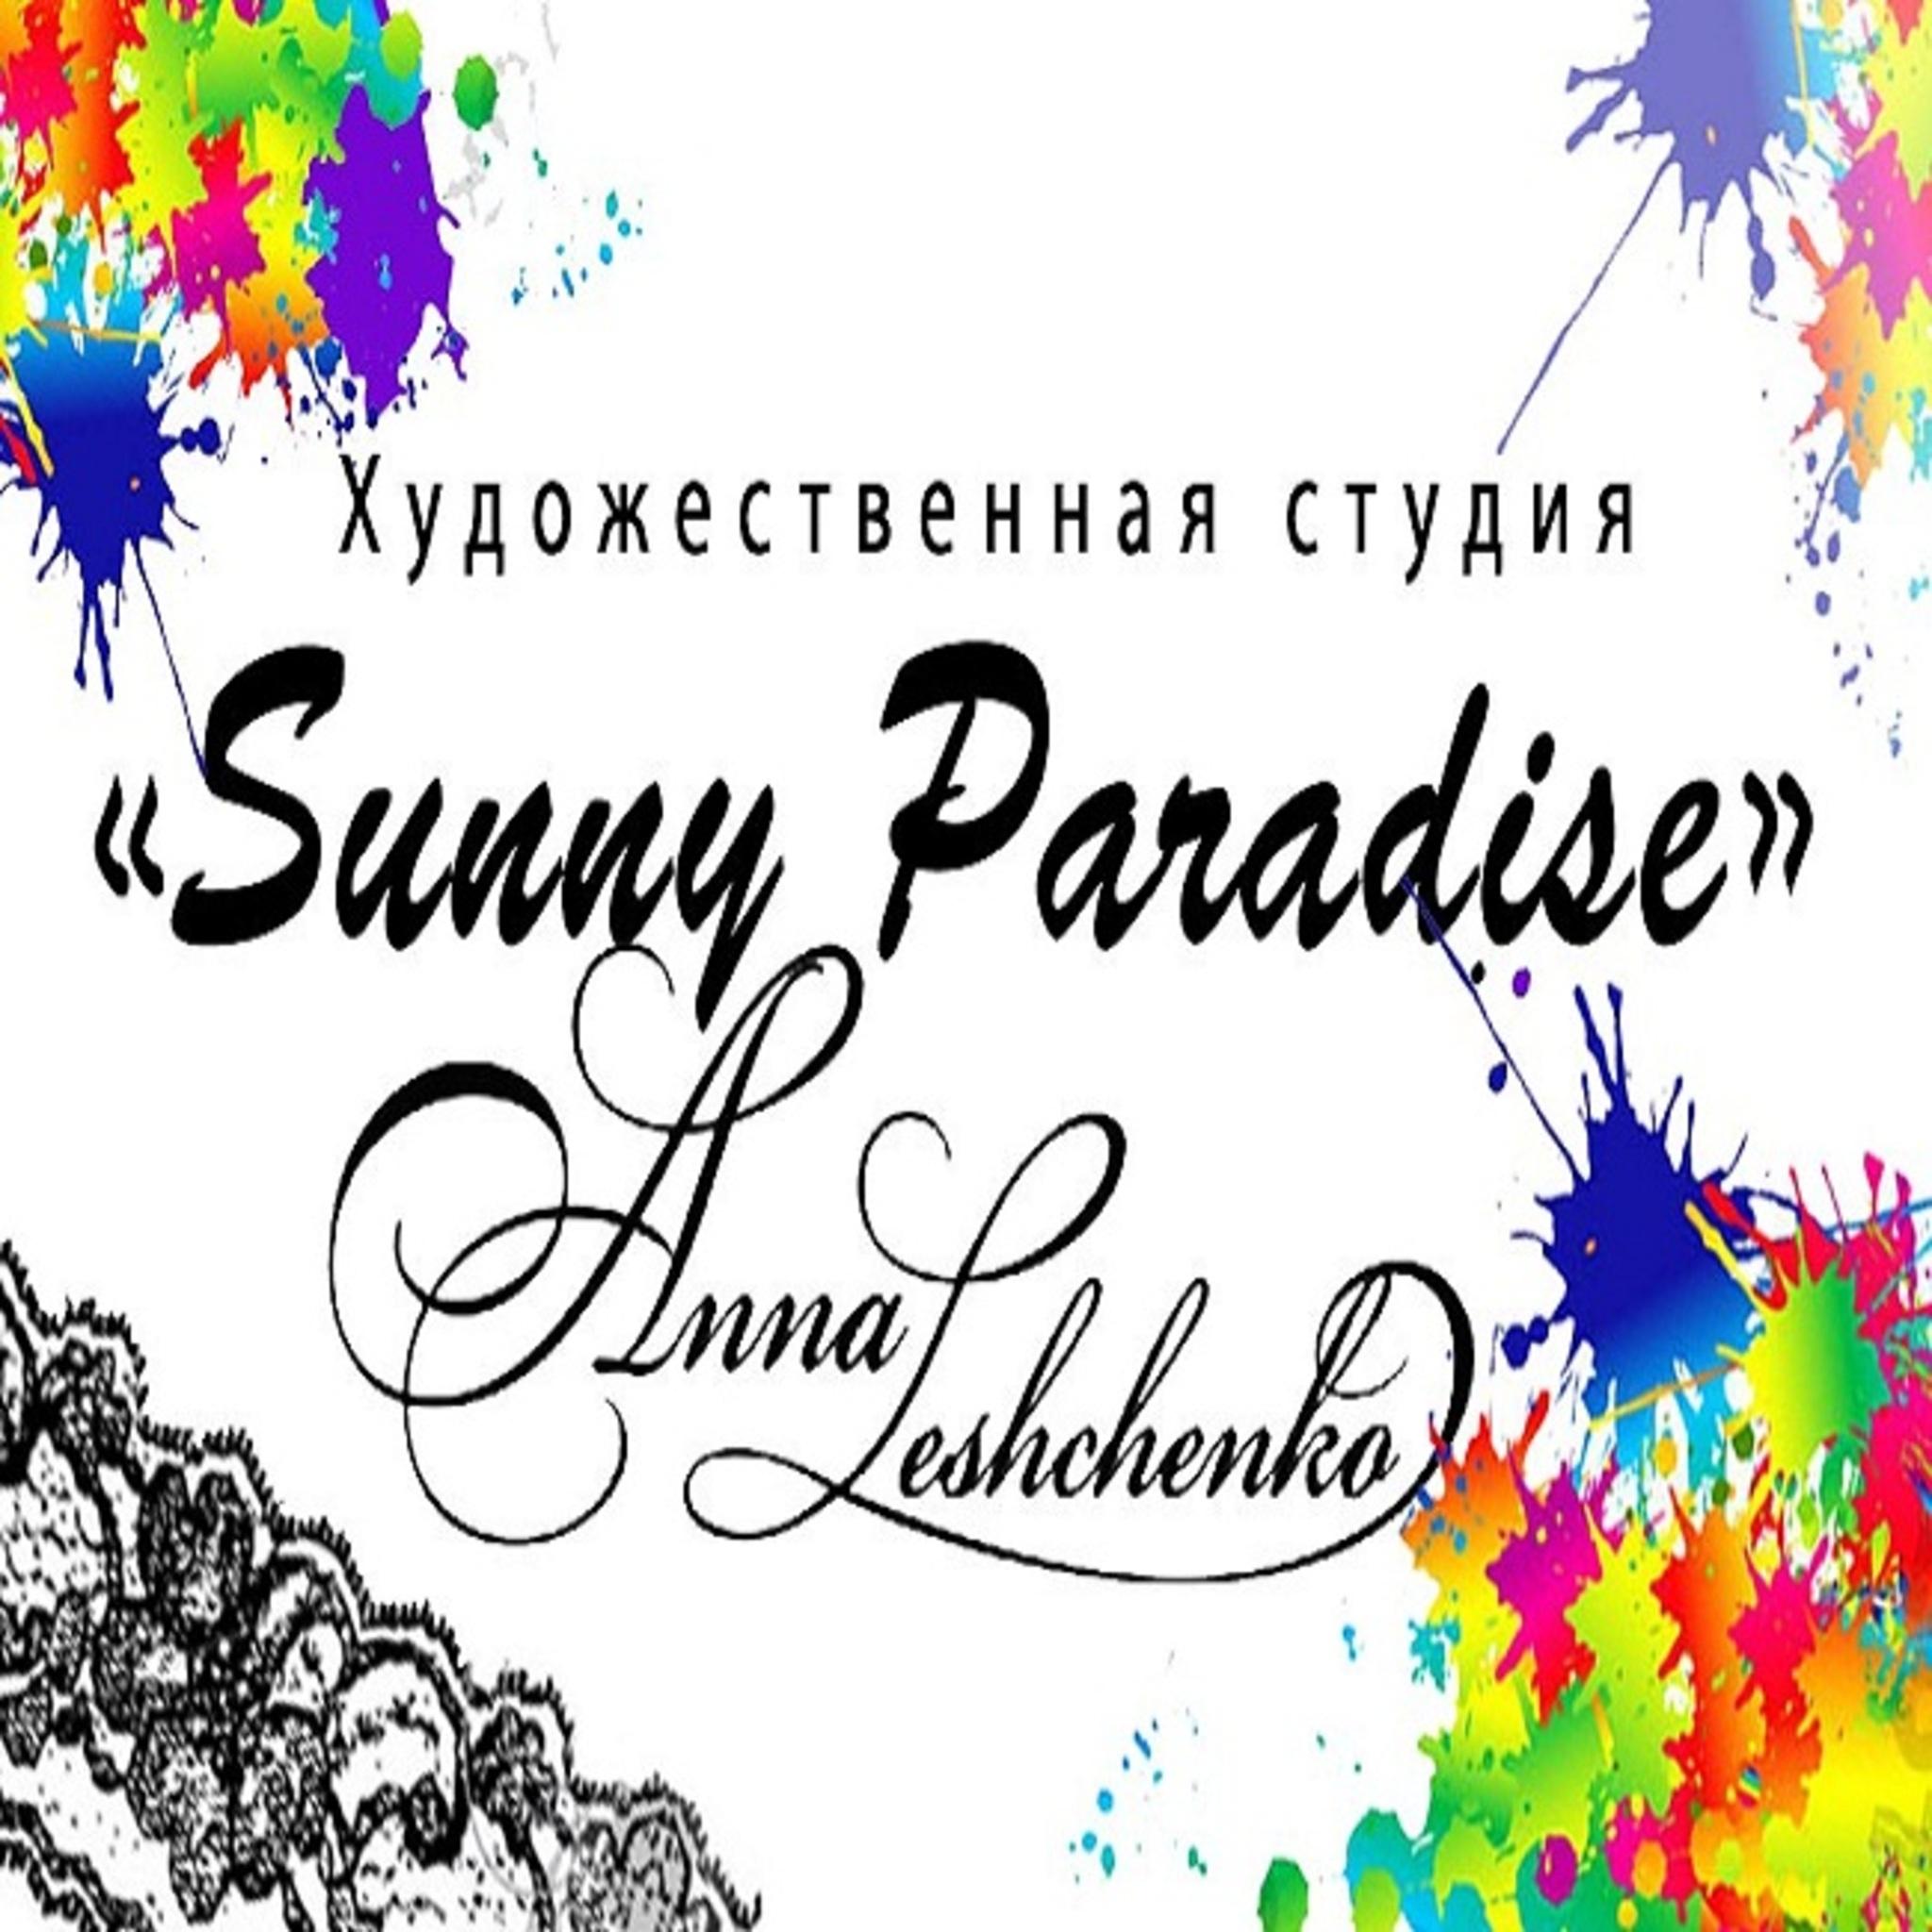 Художественная студия Анны Лещенко Sunny Paradise